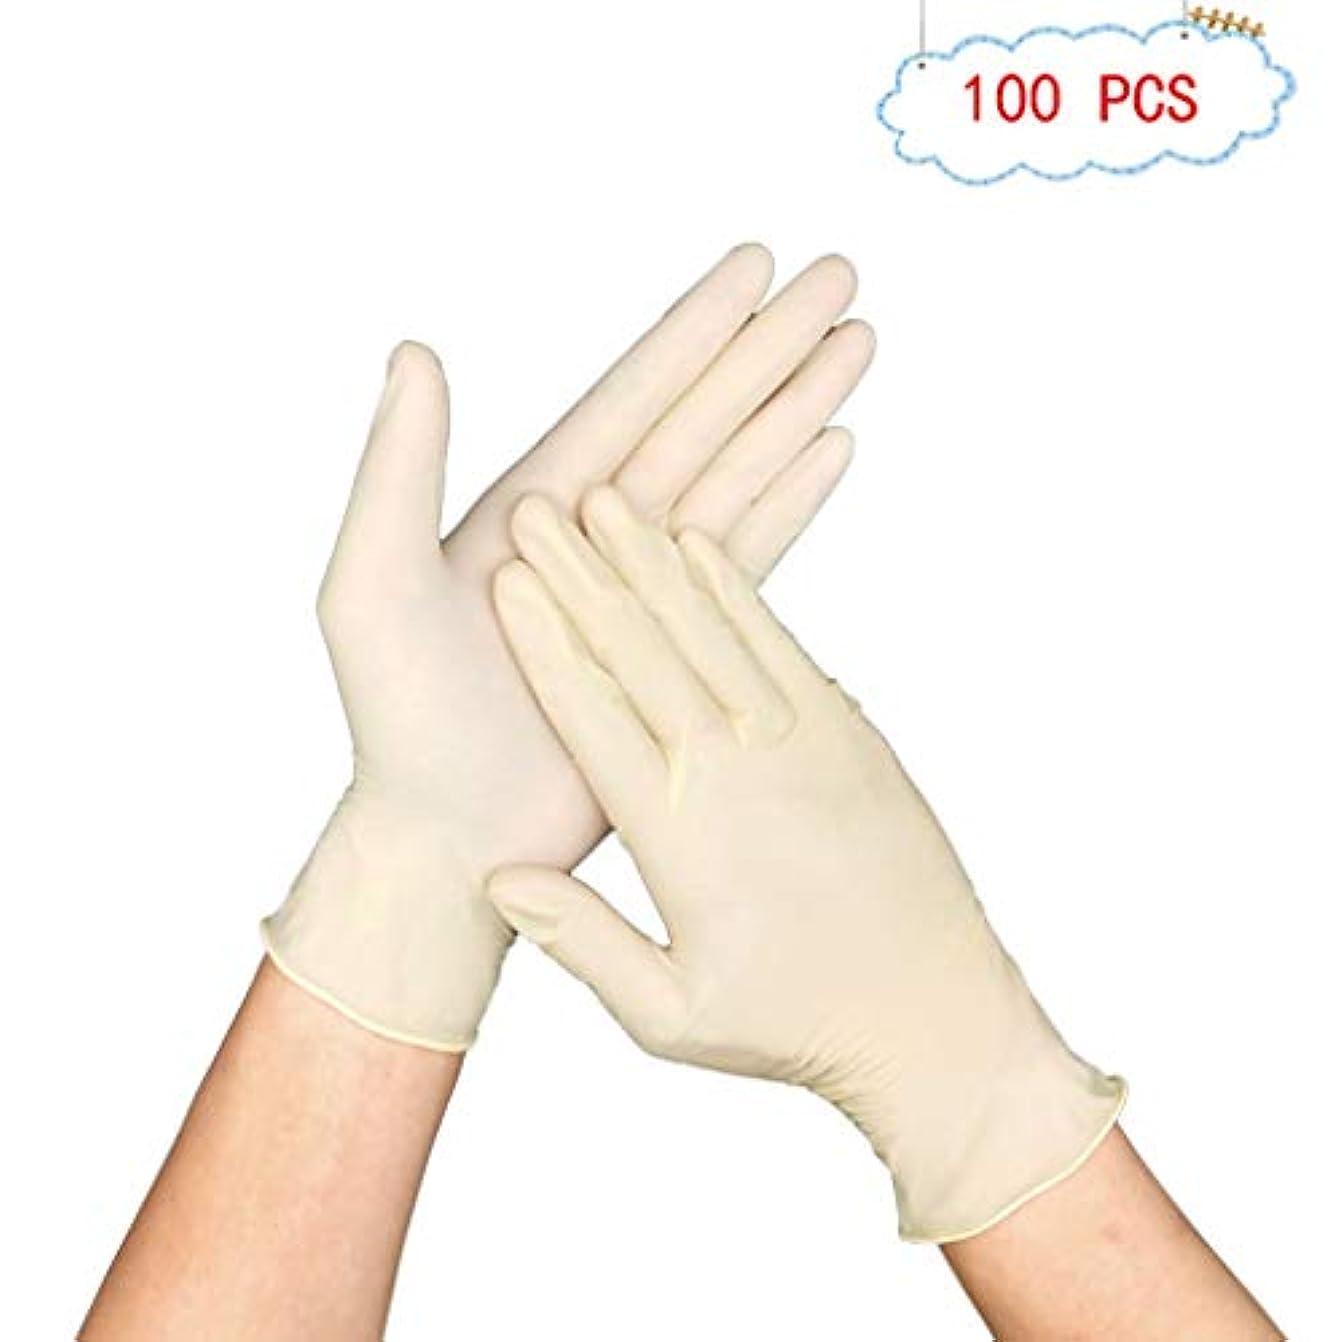 瞑想する口径ベテラン9インチ使い捨てニトリル手袋は、食品グレードの労働保険歯科抗酸および100のアルカリ卸売ペットケアボックスをラテックス (Size : S)